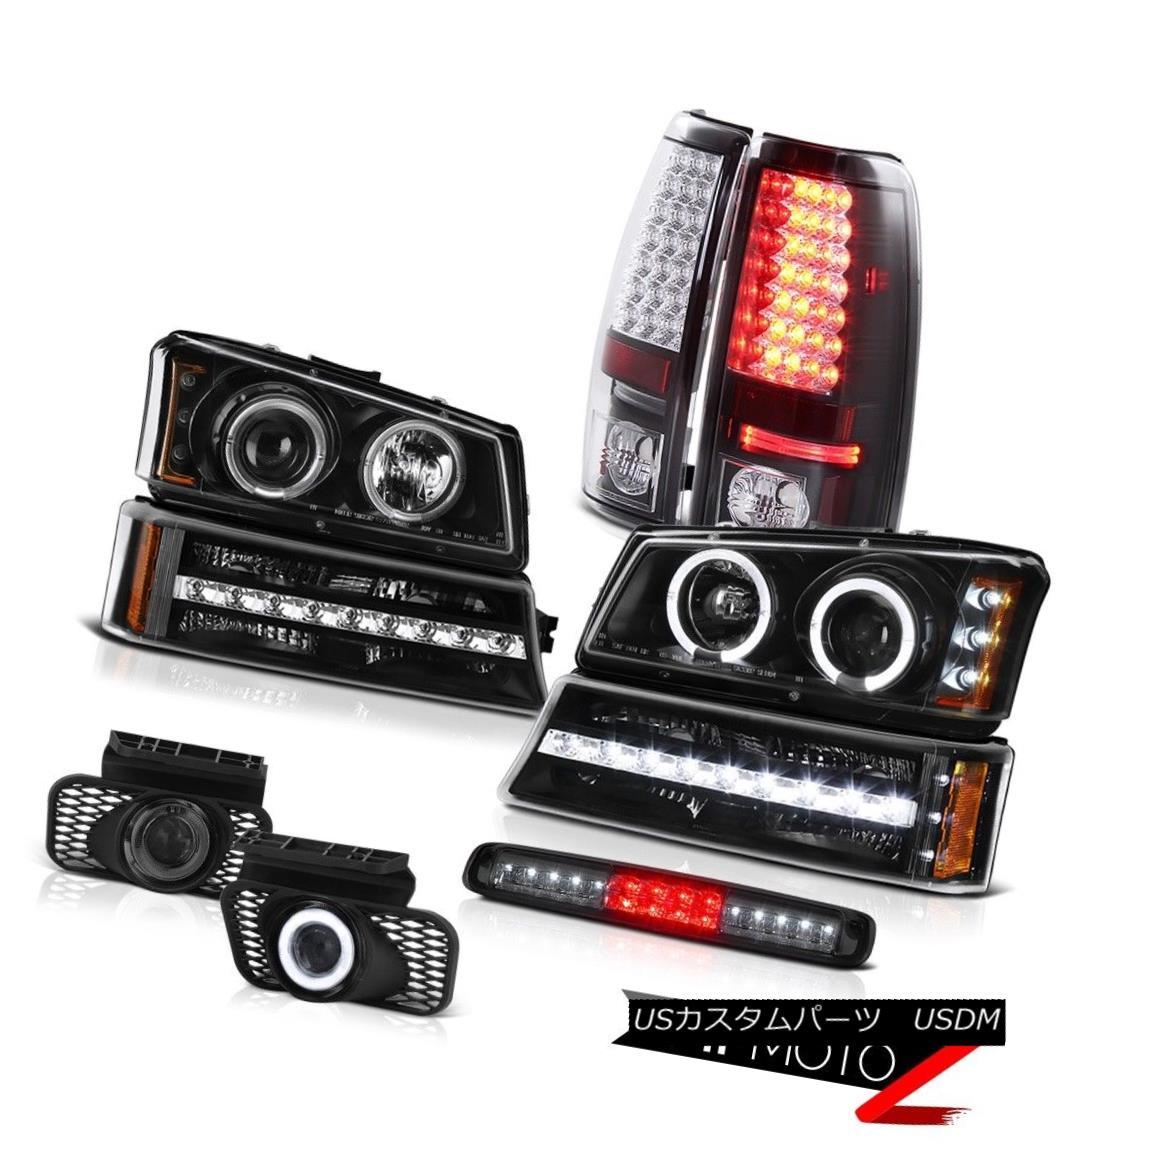 ヘッドライト 03-06 Silverado 3RD Brake Lamp Fog Lights Black Bumper Headlamps Rear Lights 03-06 Silverado 3RDブレーキランプフォグライトブラックバンパーヘッドランプリアライト